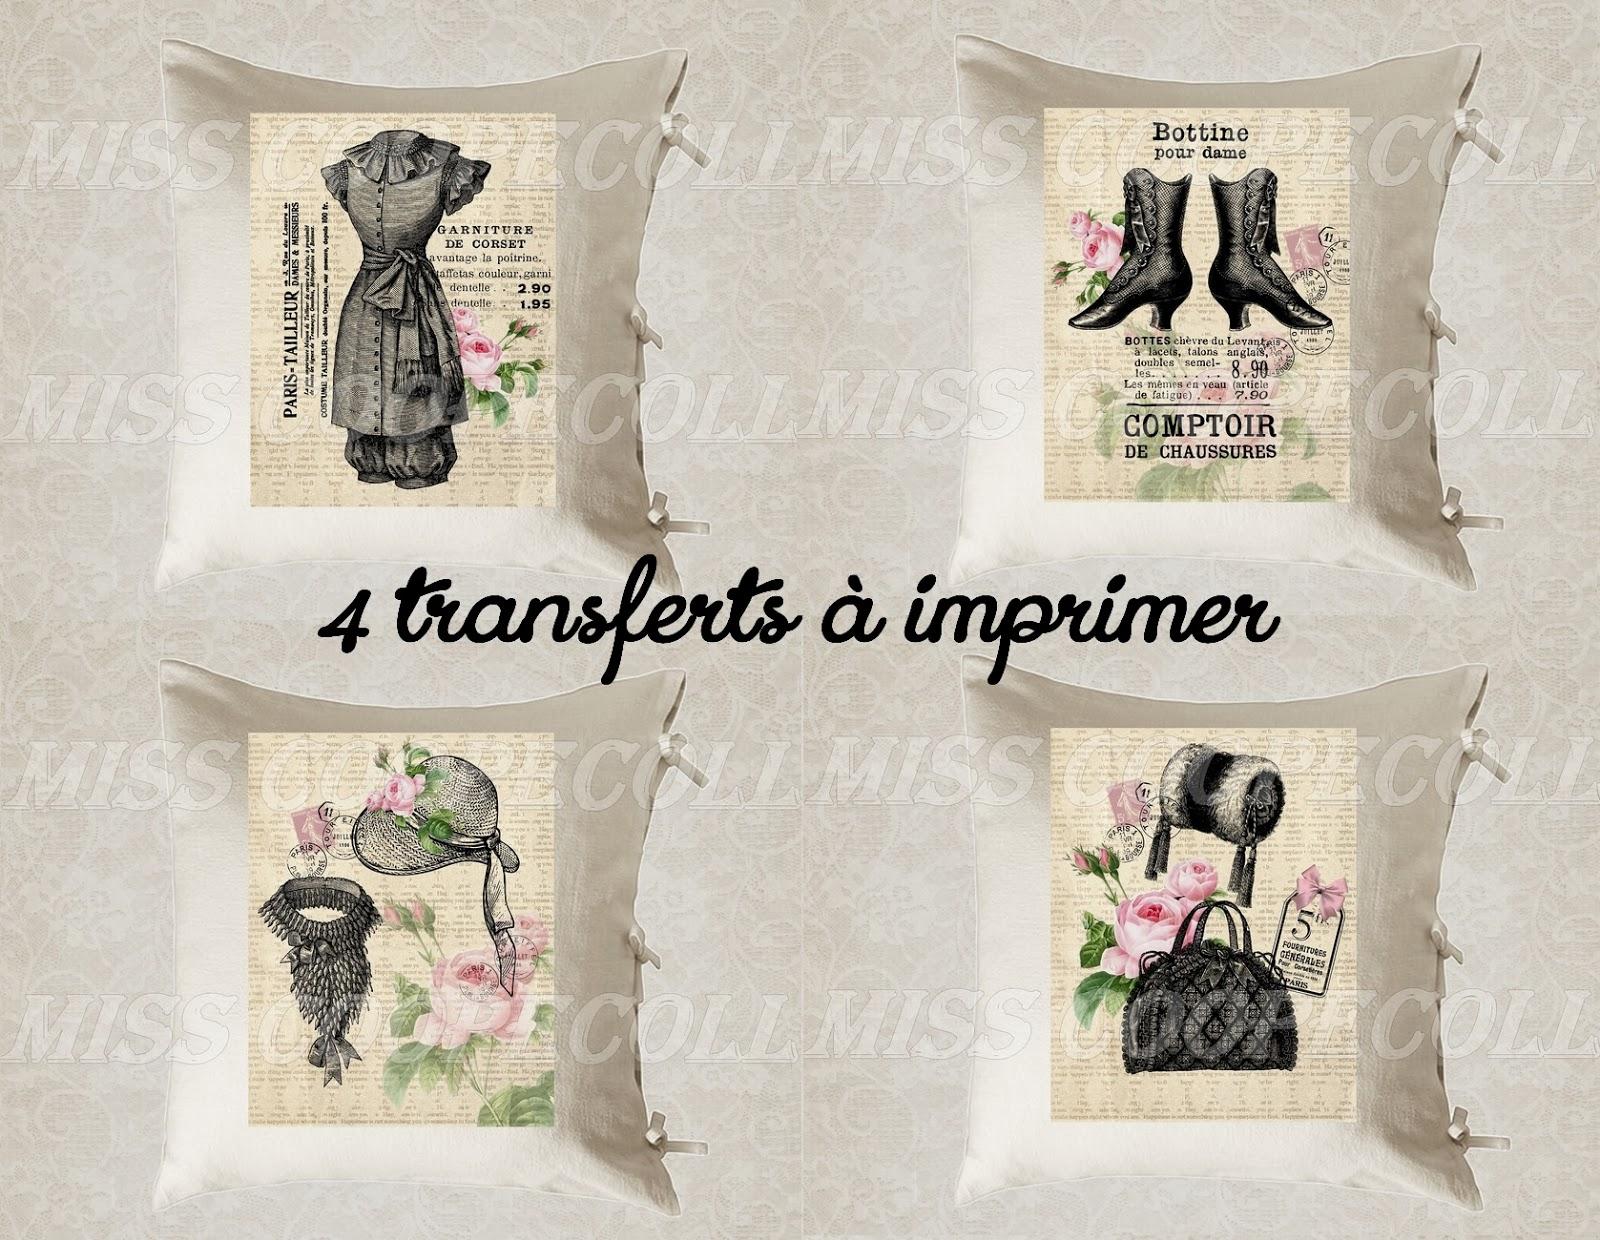 http://www.alittlemarket.com/autres-pieces-pour-creations/nouveau_4_images_digitales_pour_transfert_tissu_paris_chic_en_1900_envoi_par_mail-6919151.html